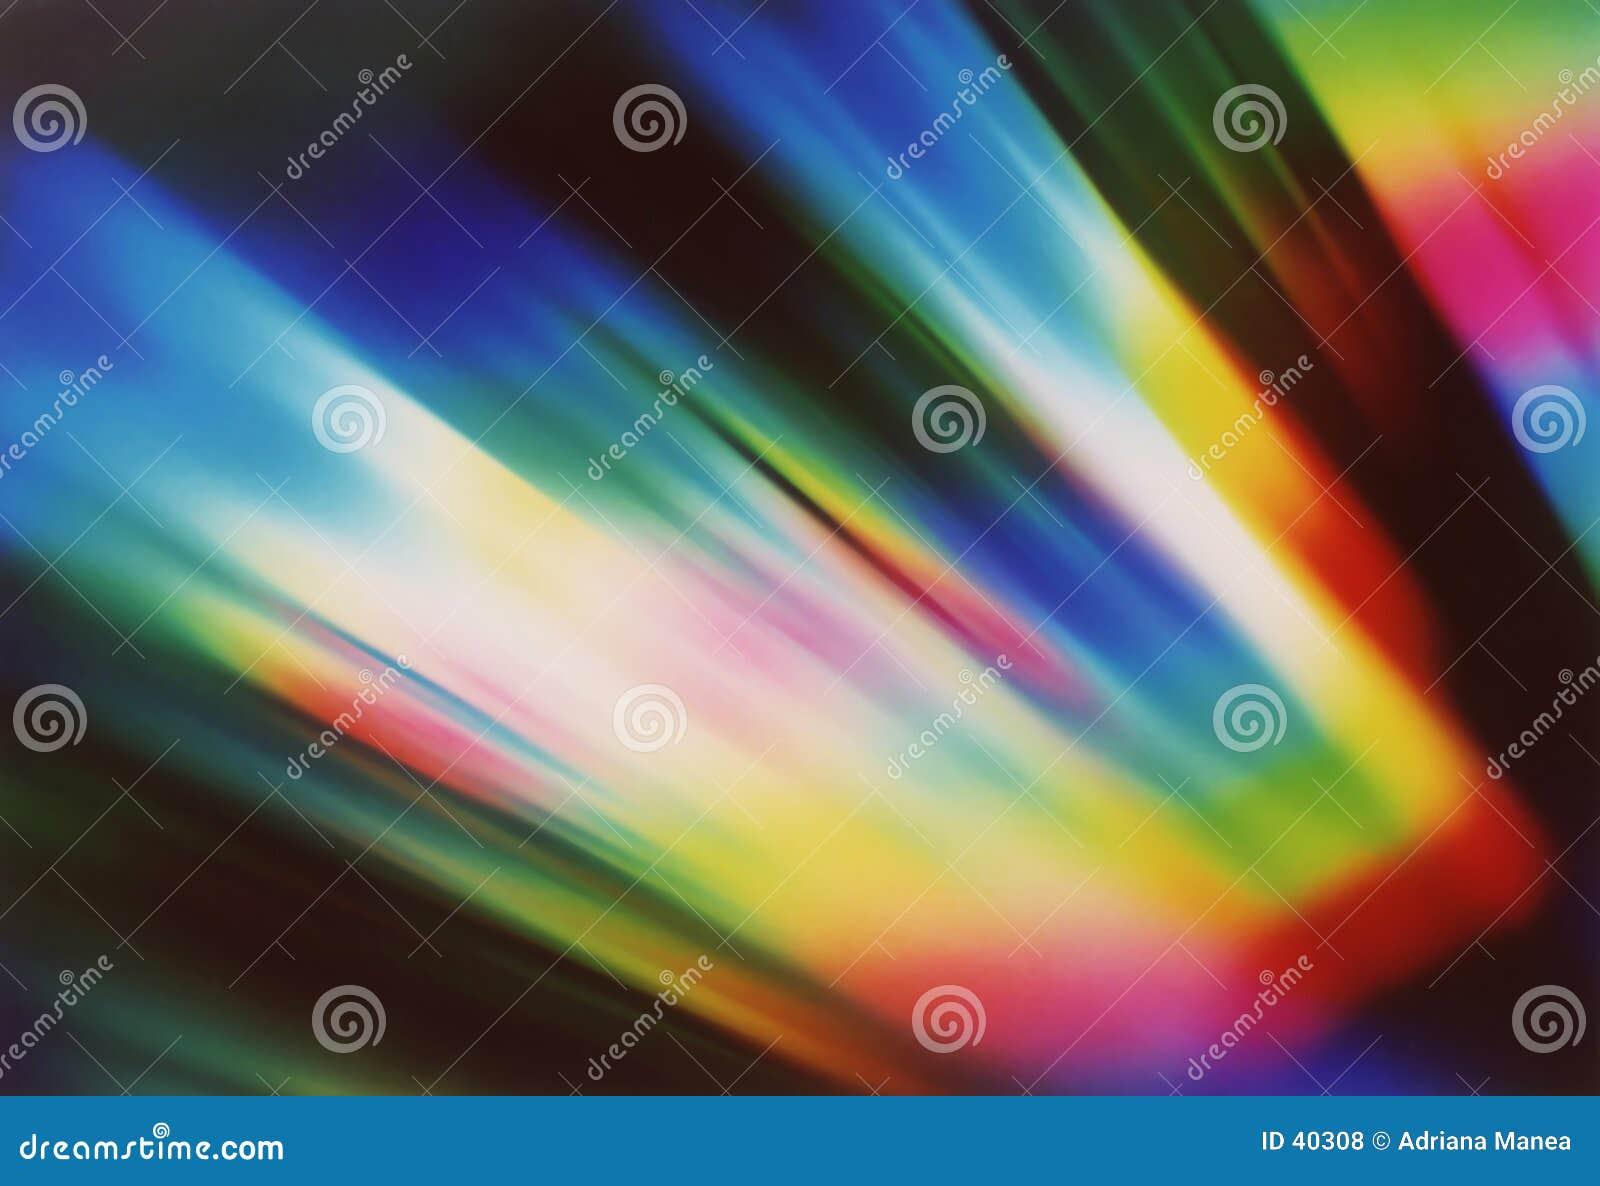 1 spectrum